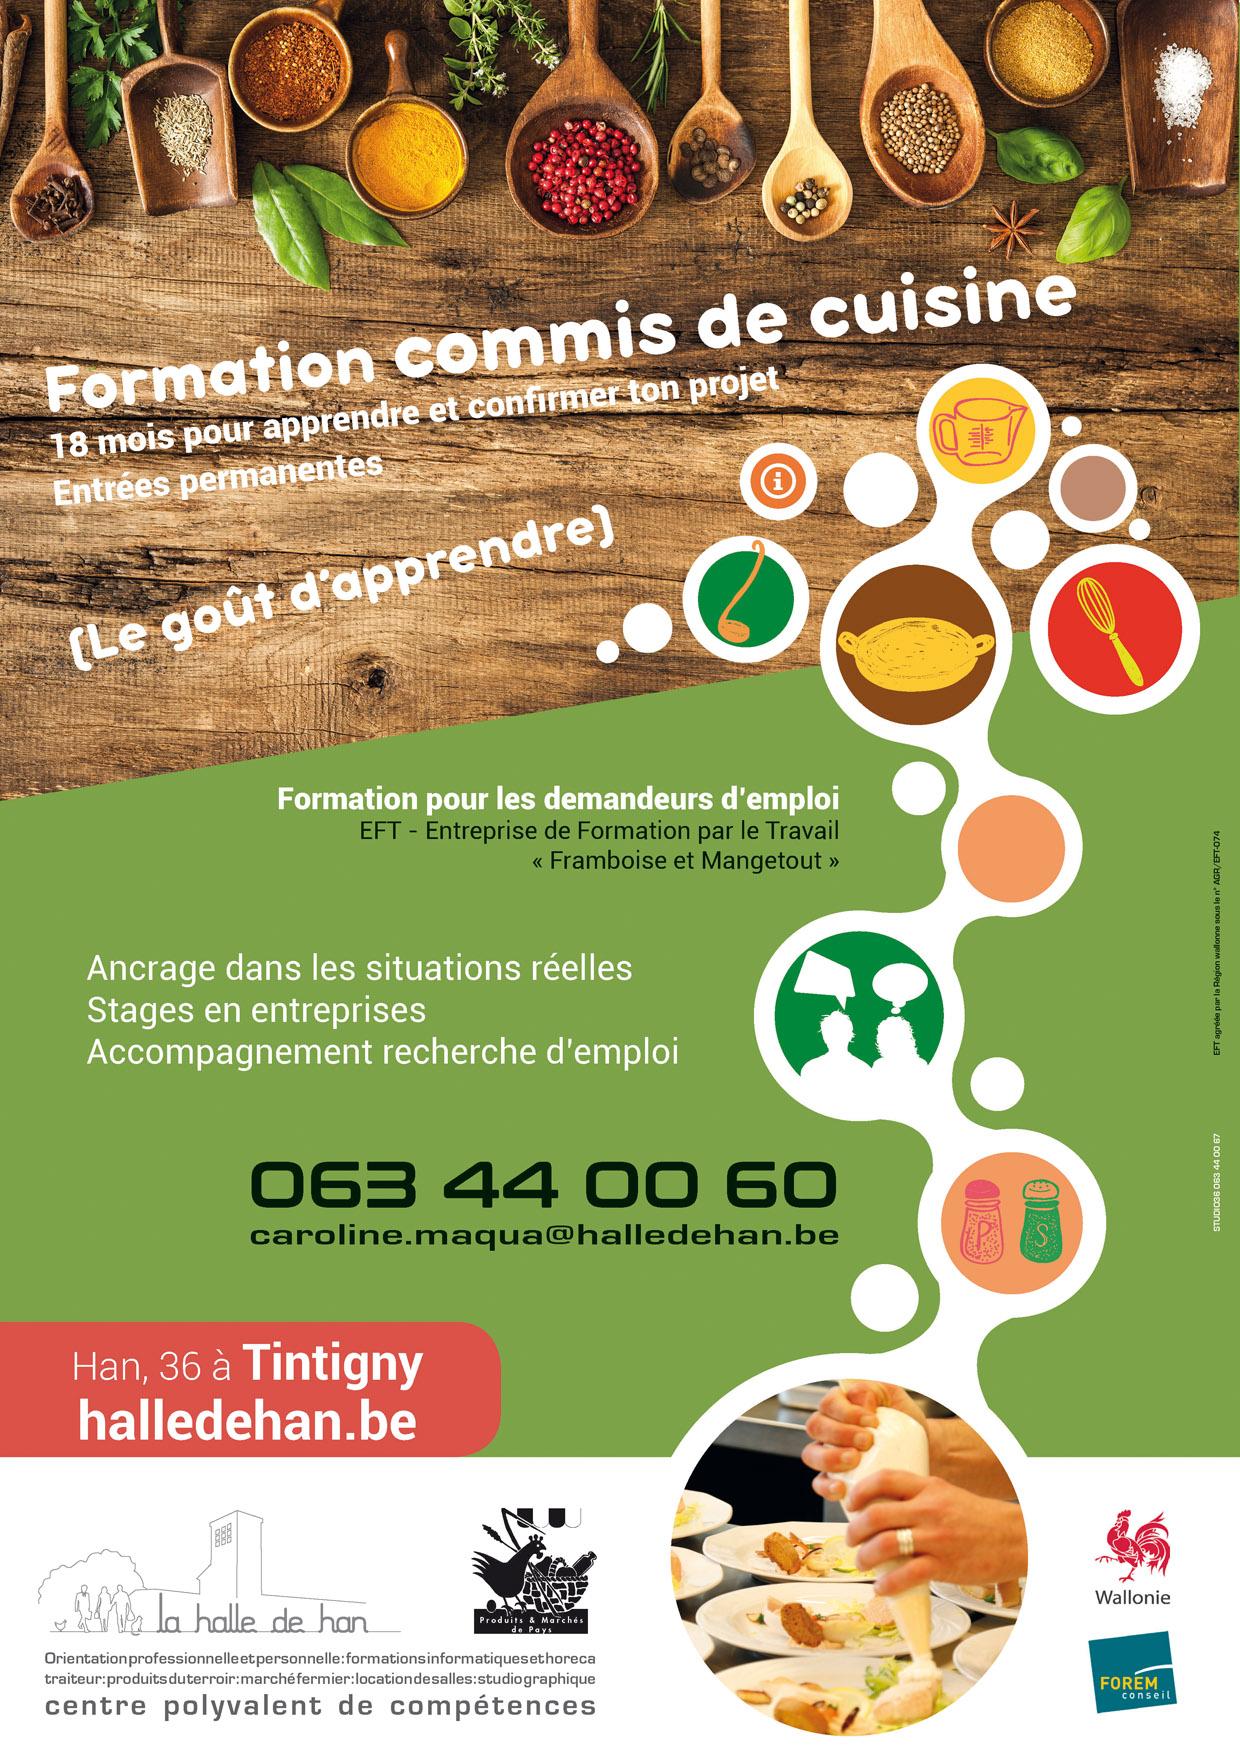 Formation commis de cuisine le go t d 39 apprendre for Recherche commis de cuisine